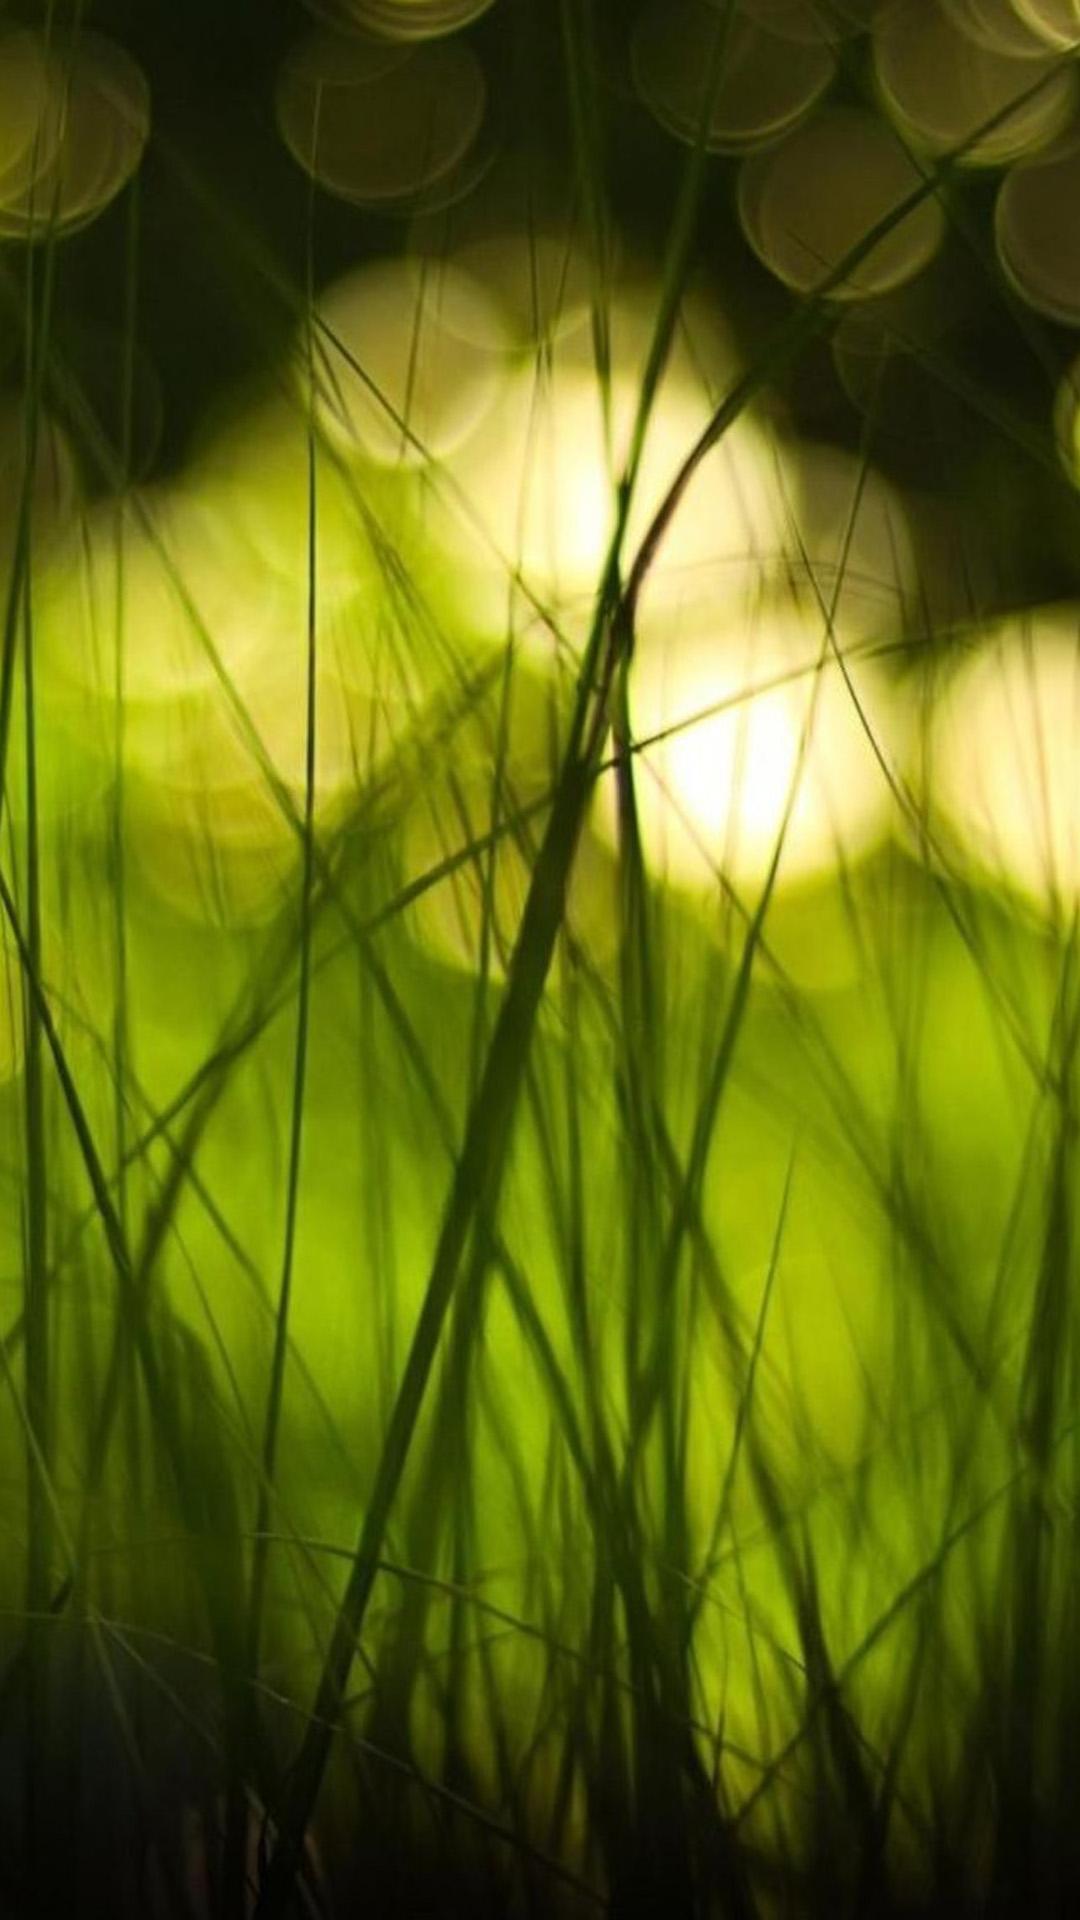 iphone6plus风景绿色壁纸_iphone6plus风景绿色壁纸